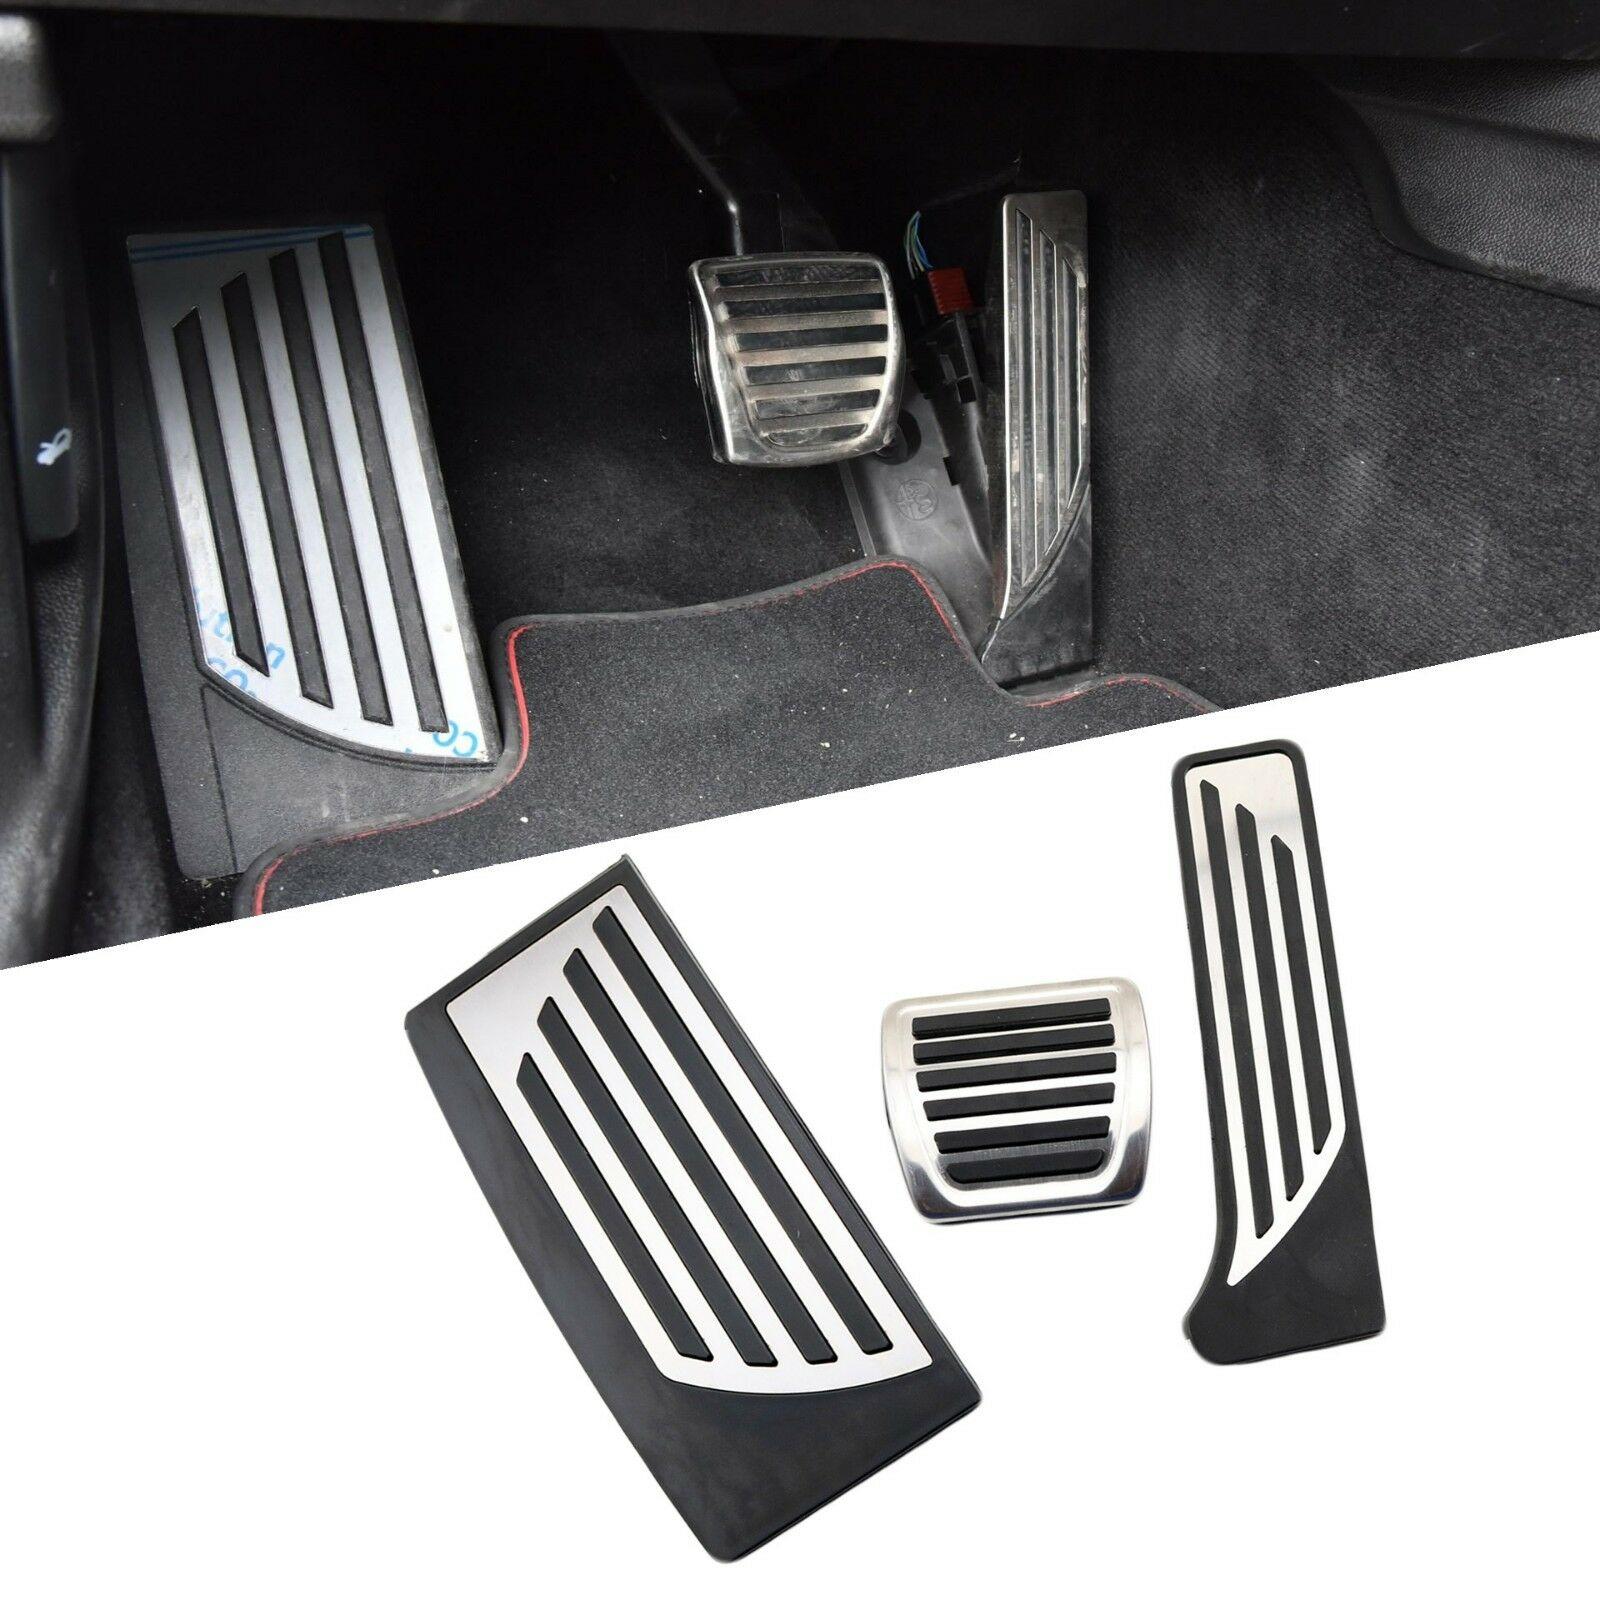 Coussinet de pied antidérapant adapté pour Alfa Romeo Giulia Stelvio 2017 2018 accessoires carburant gaz frein repose pied couvercle de pédale pas de perceuse